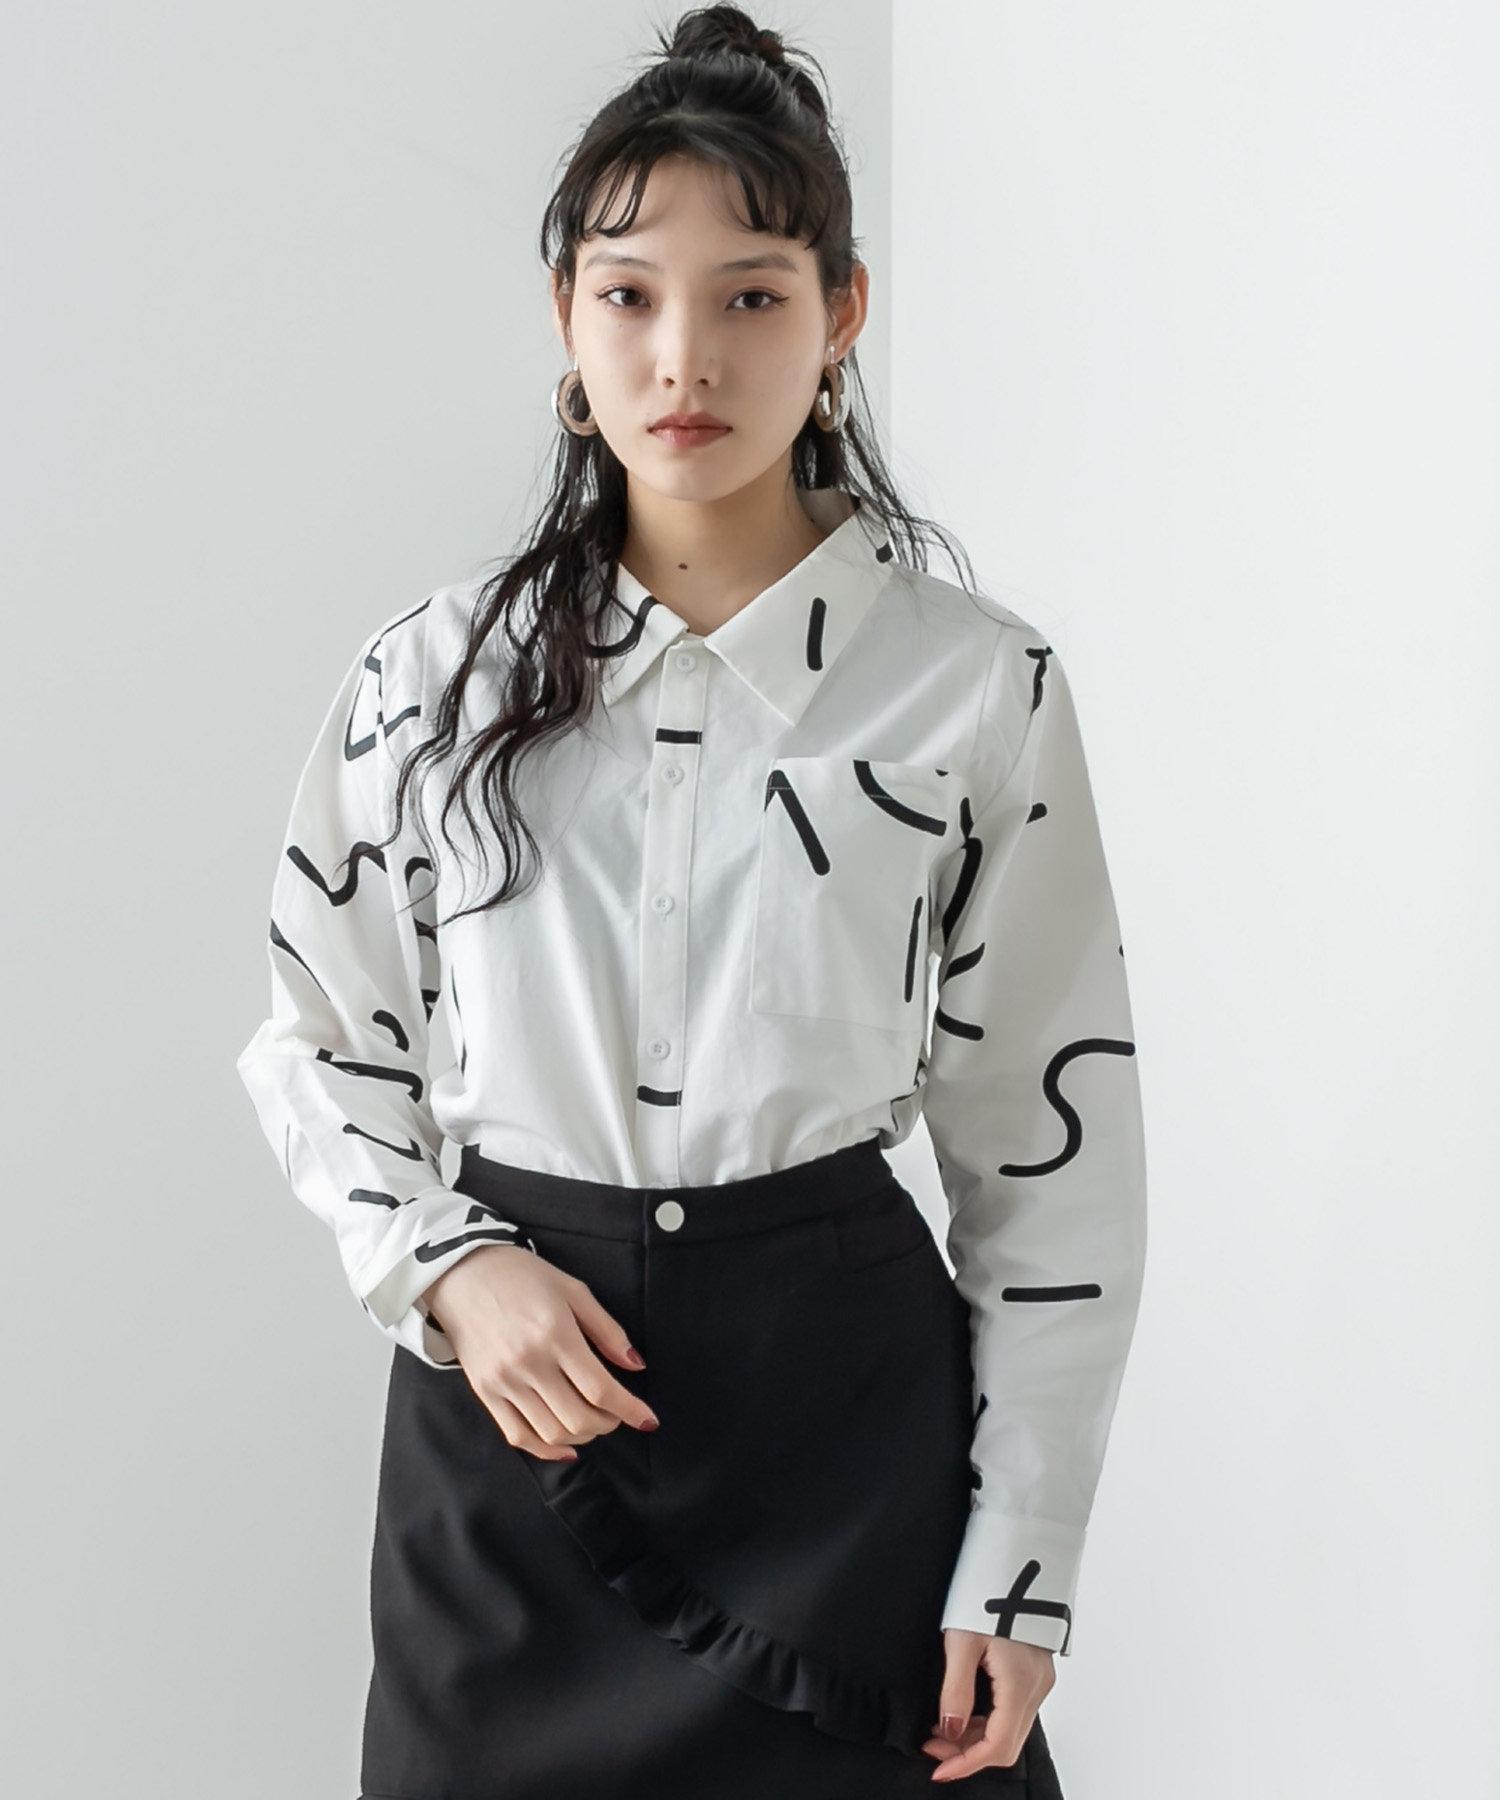 RASVOA(ラスボア) ウニョウニョシャツ